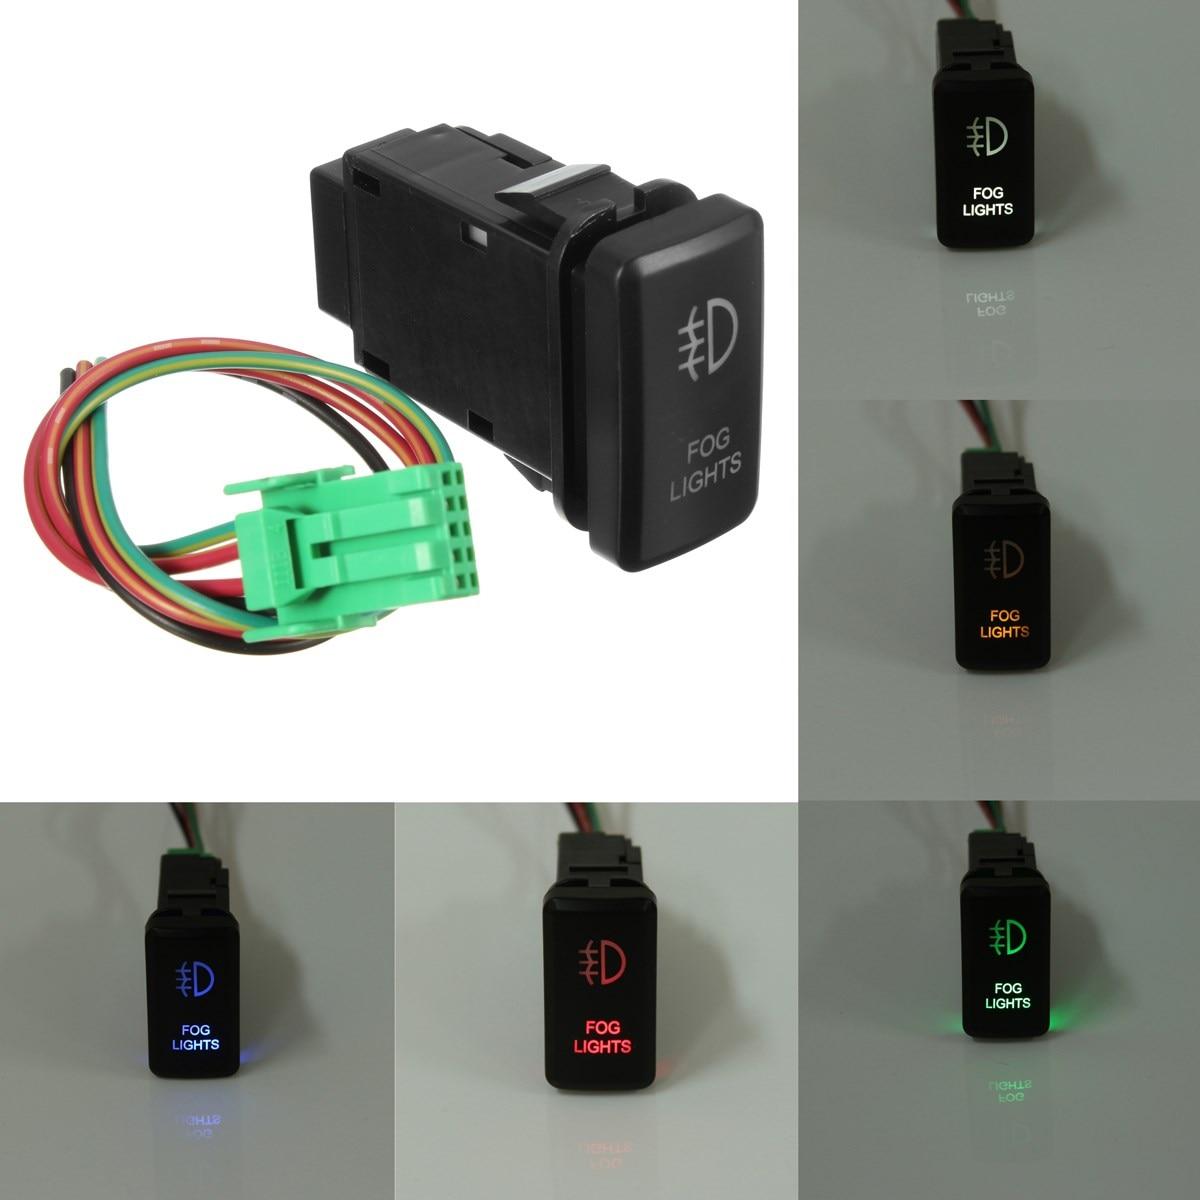 12V LED Fog Light On-Off Switch For Toyota Landcruiser FJ Cruiser Prado Hiace